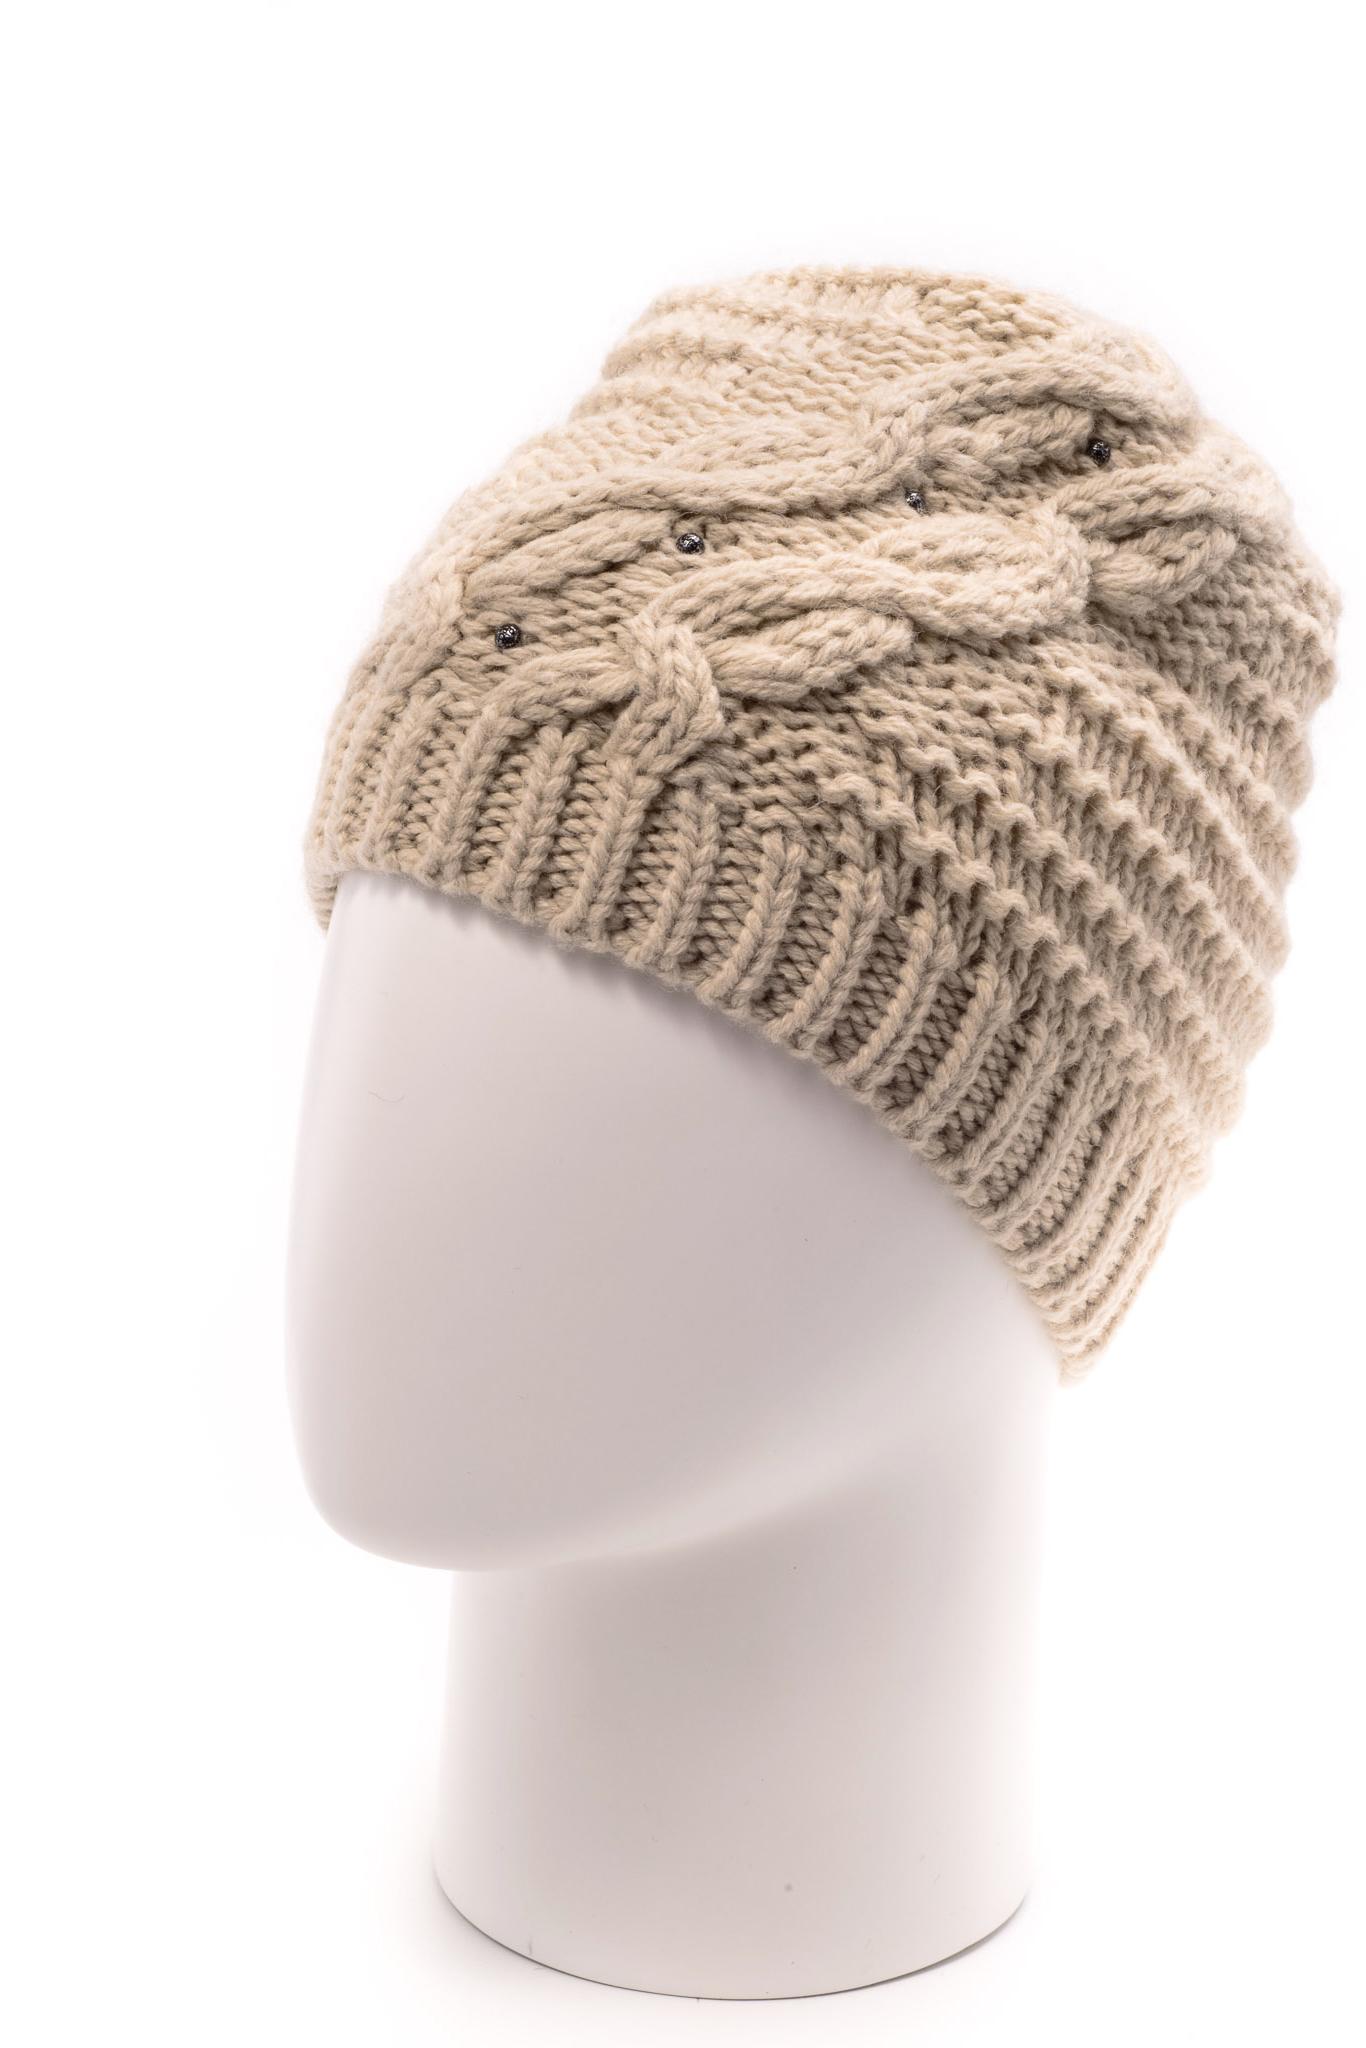 ШапкаШапки<br>Красивая шапка подарит Вам тепло и комфорт.  Стильный аксессуар защитит Вас от непогоды и станет прекрасным дополнением Вашего образа.  Цвет: бежевый<br><br>По материалу: Вязаные<br>По рисунку: Однотонные<br>По элементам: С декором<br>По сезону: Зима<br>Размер : universal<br>Материал: Вязаное полотно<br>Количество в наличии: 1